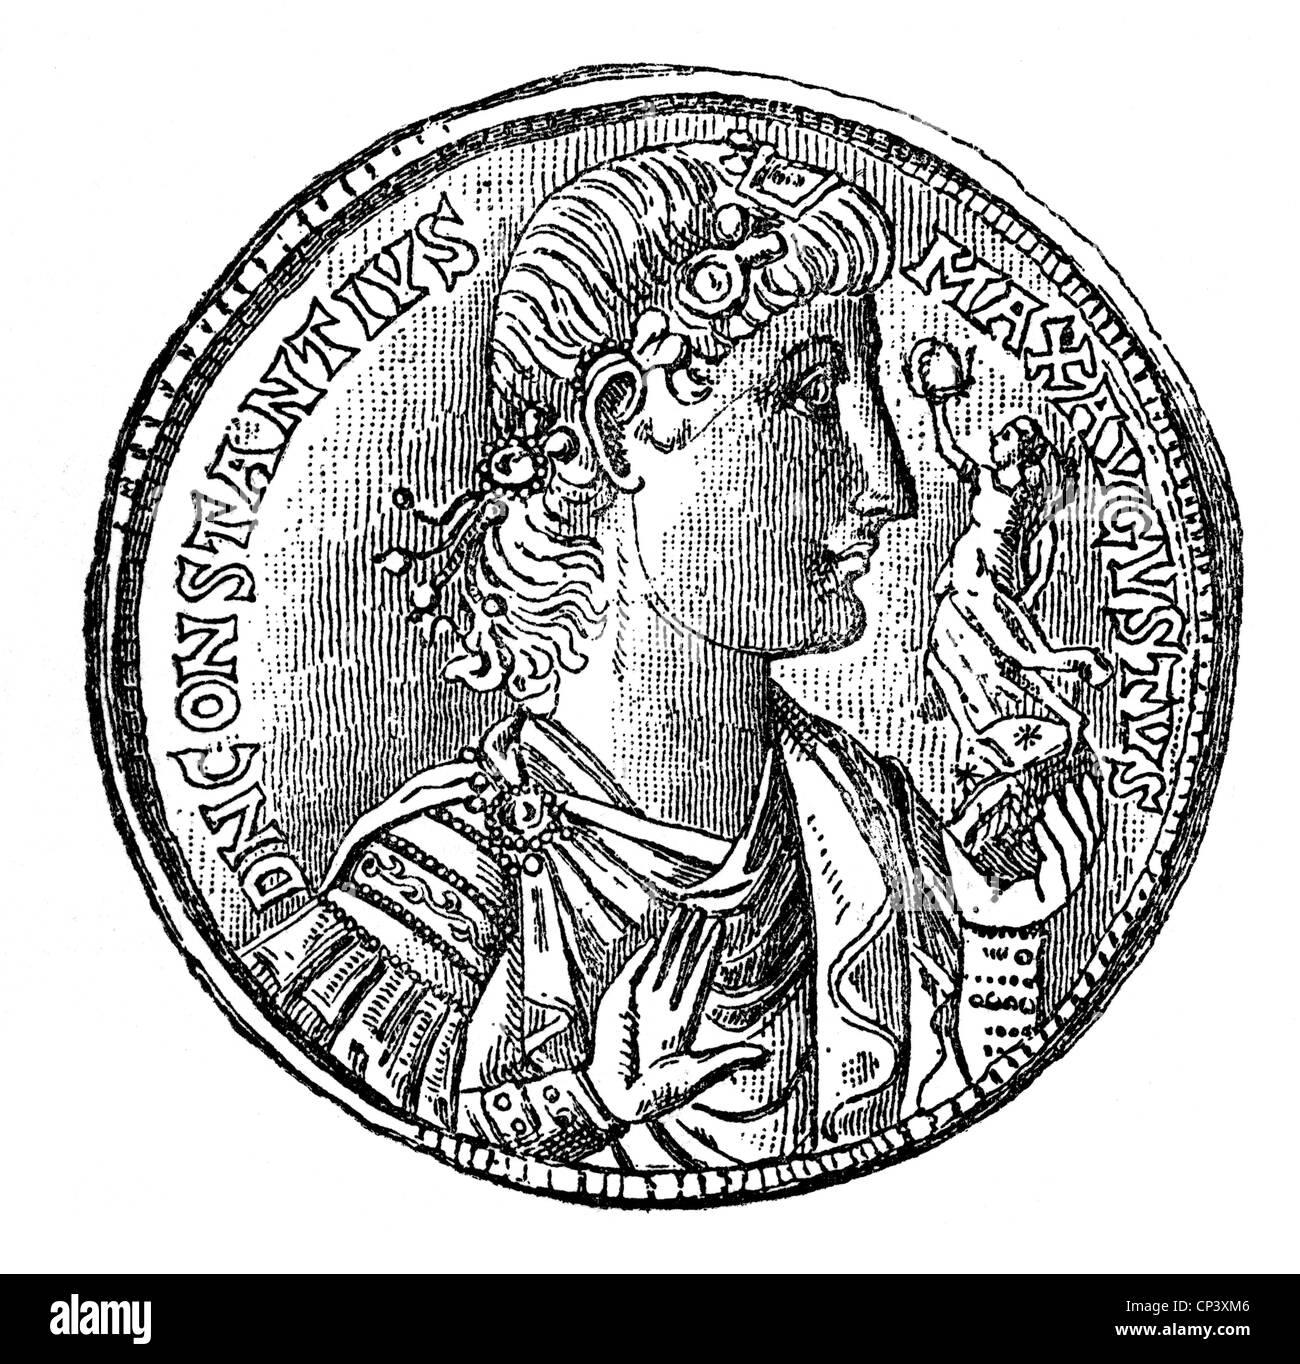 Constantine II (Flavius Claudius Constantinus), 317 - 340, Roman Emperor 337 - 340, portrait, coin, circa 338, wood - Stock Image